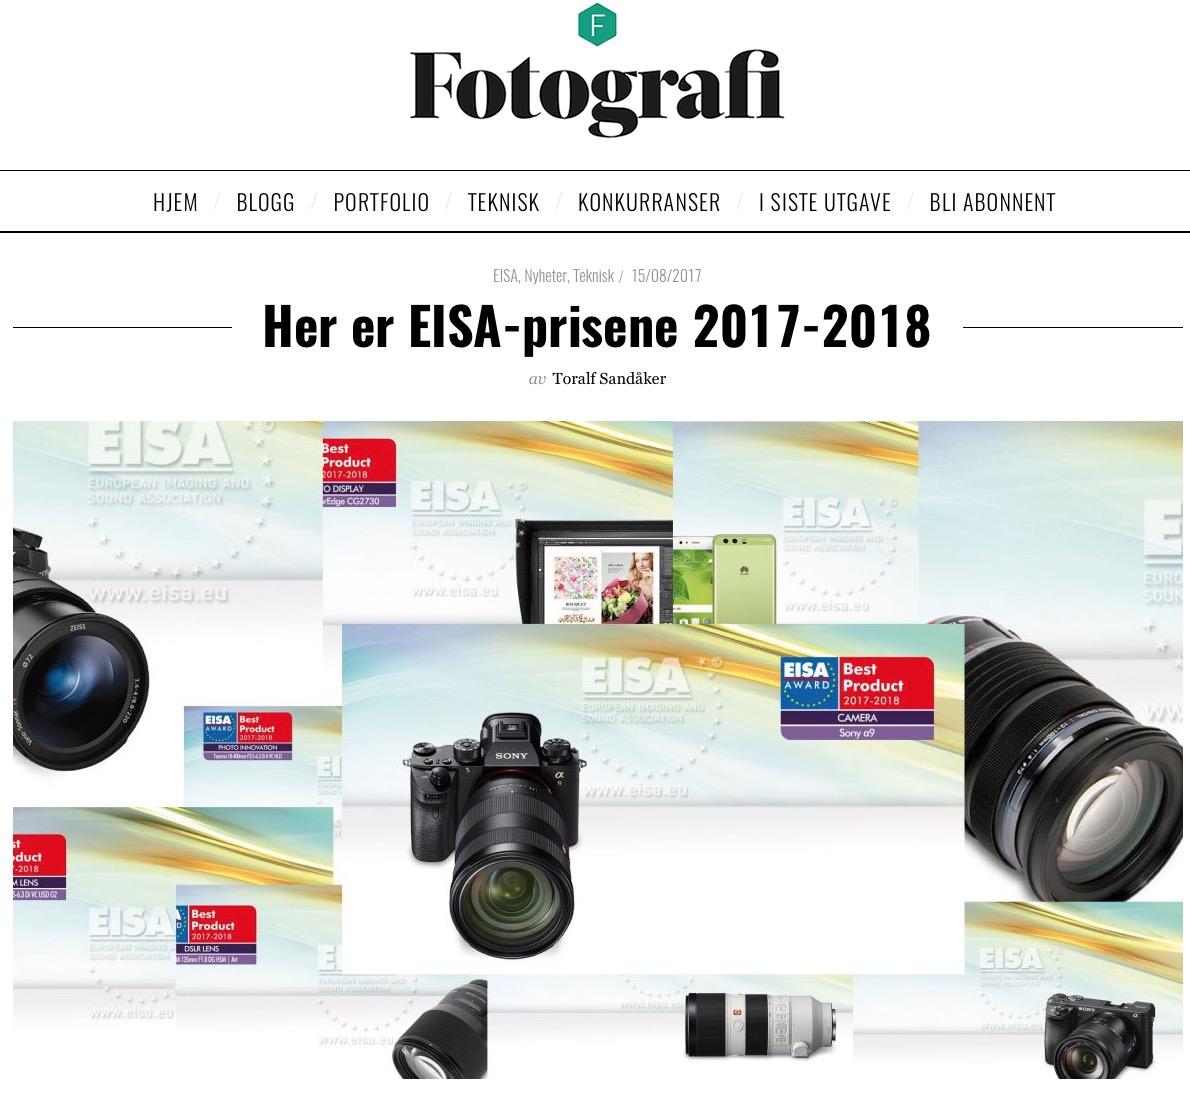 Skjermbilde 2017-08-15 01.02.27.jpg